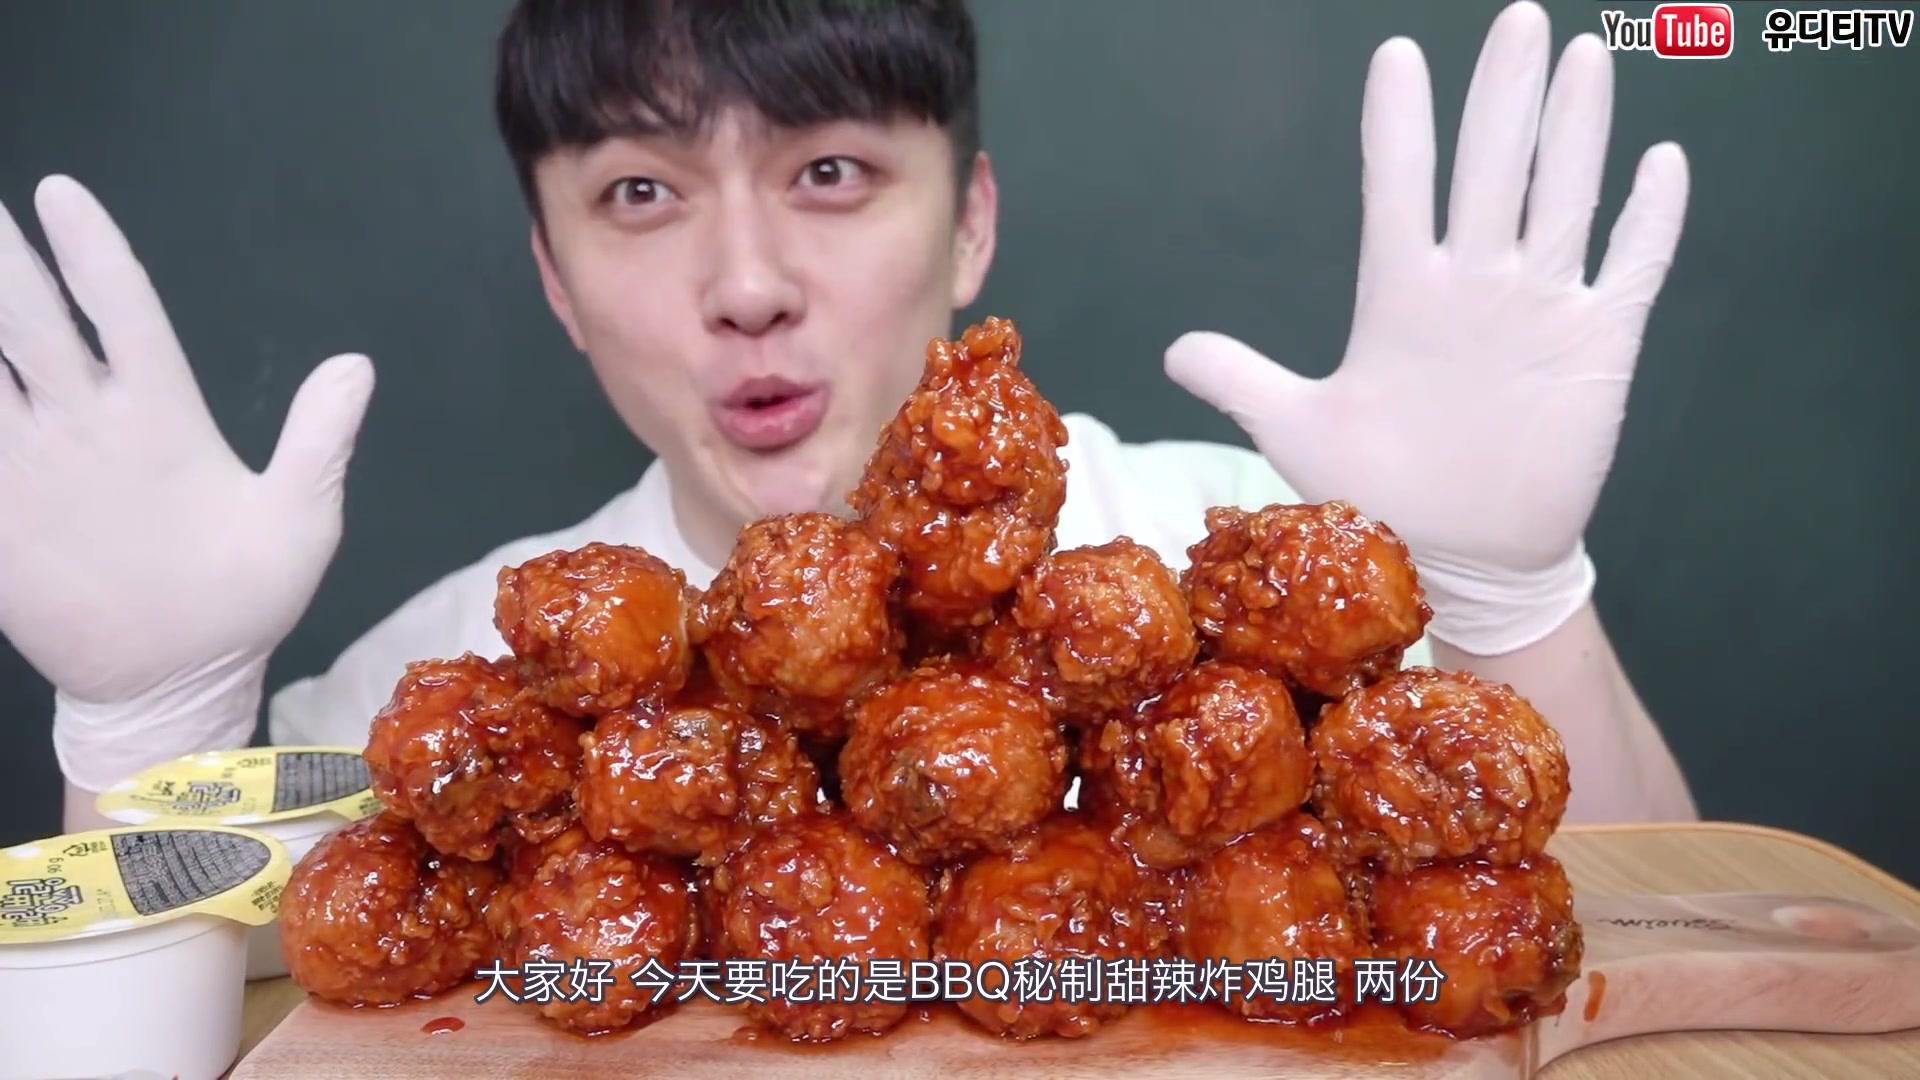 韩国吃播UDT 看看他到底说了什么(中文字幕 )|BBQ秘制甜辣炸鸡腿 两份 buling buling蘸酱